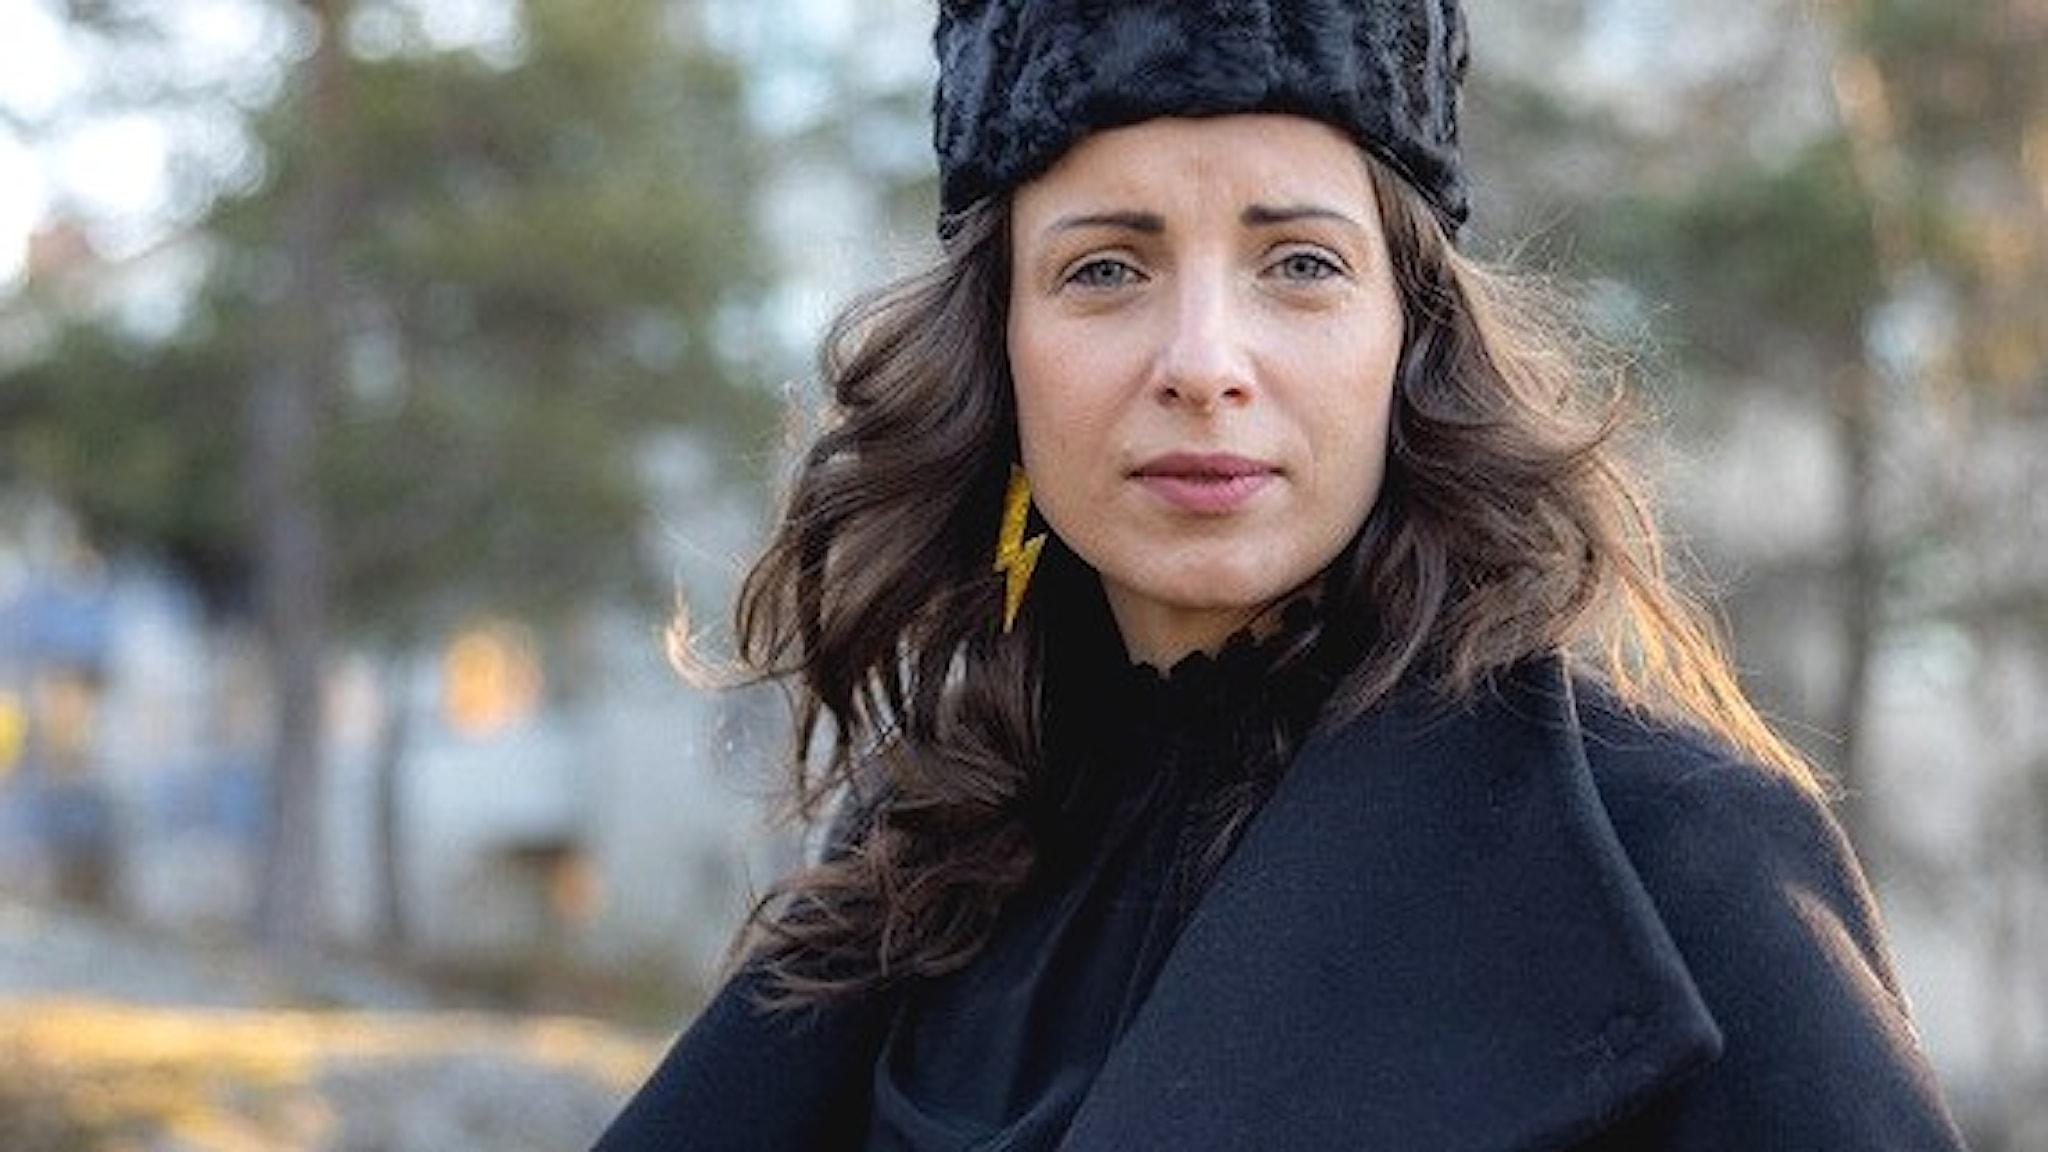 Kvinna i pälsmössa och kappa utomhus